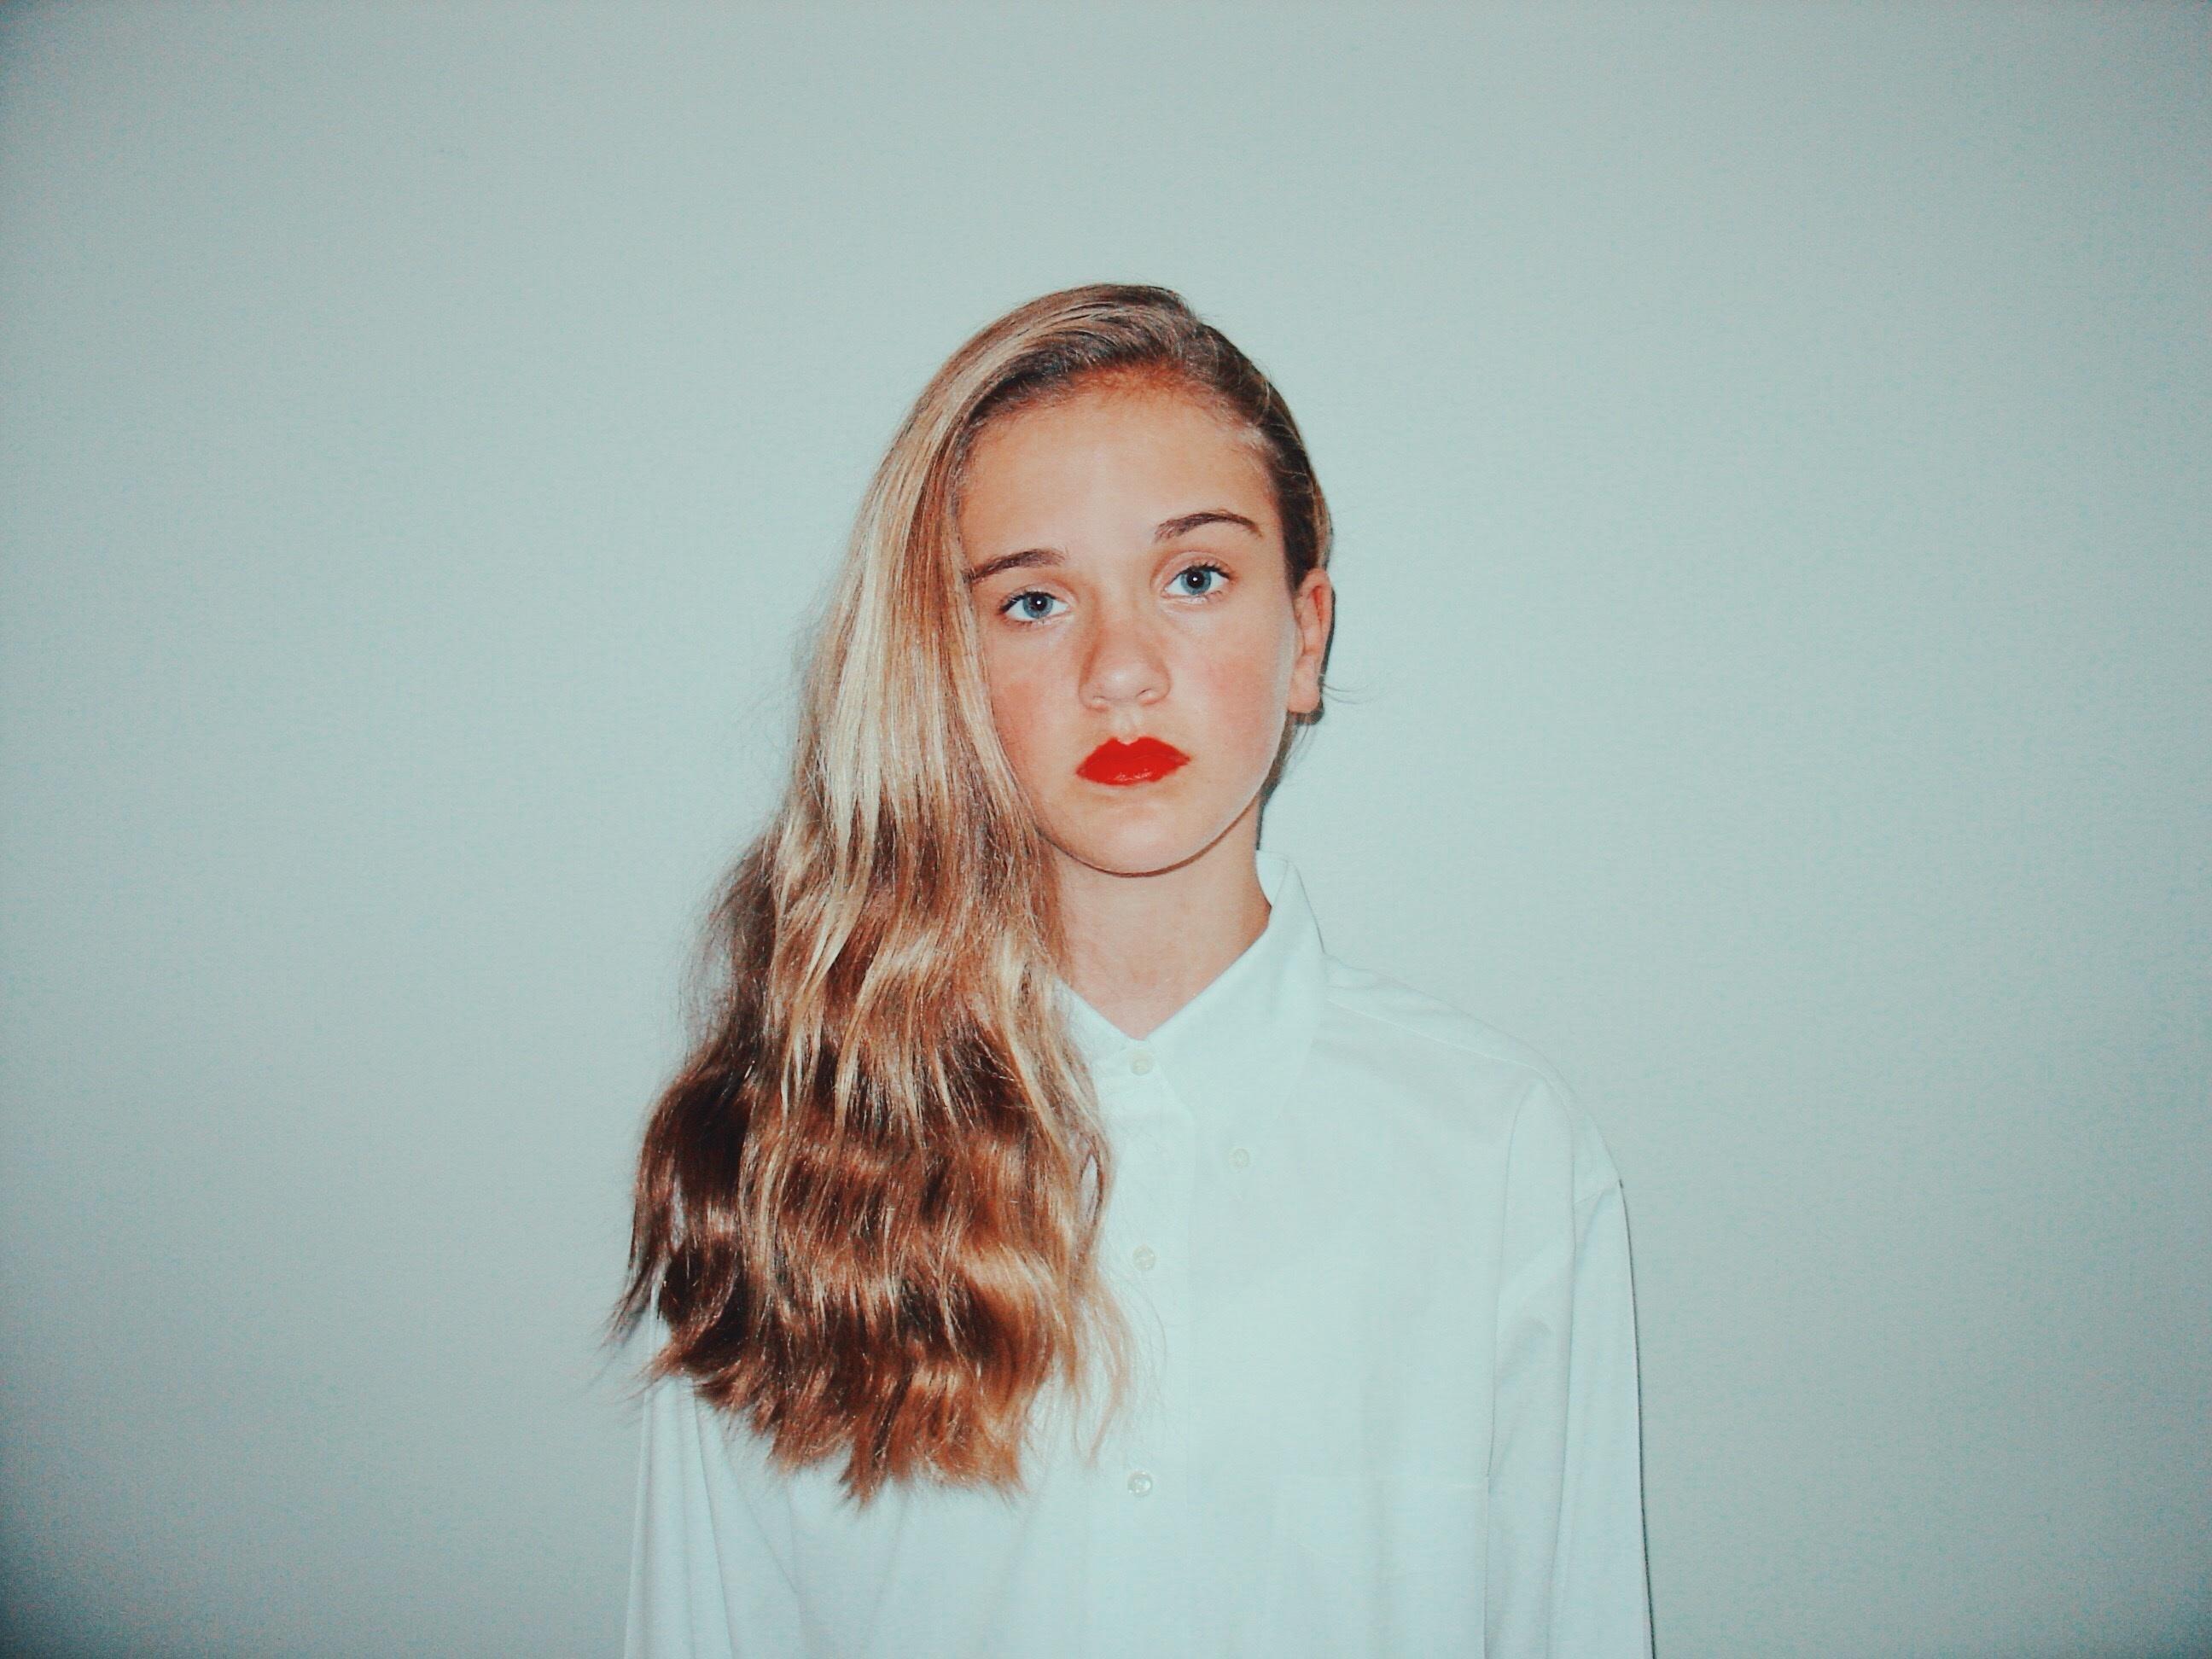 ručné človek dievča vlasy biely fotografovanie portrét Model jar červená  farba móda slecna výraz tváre účes 1a0ae7c4b68